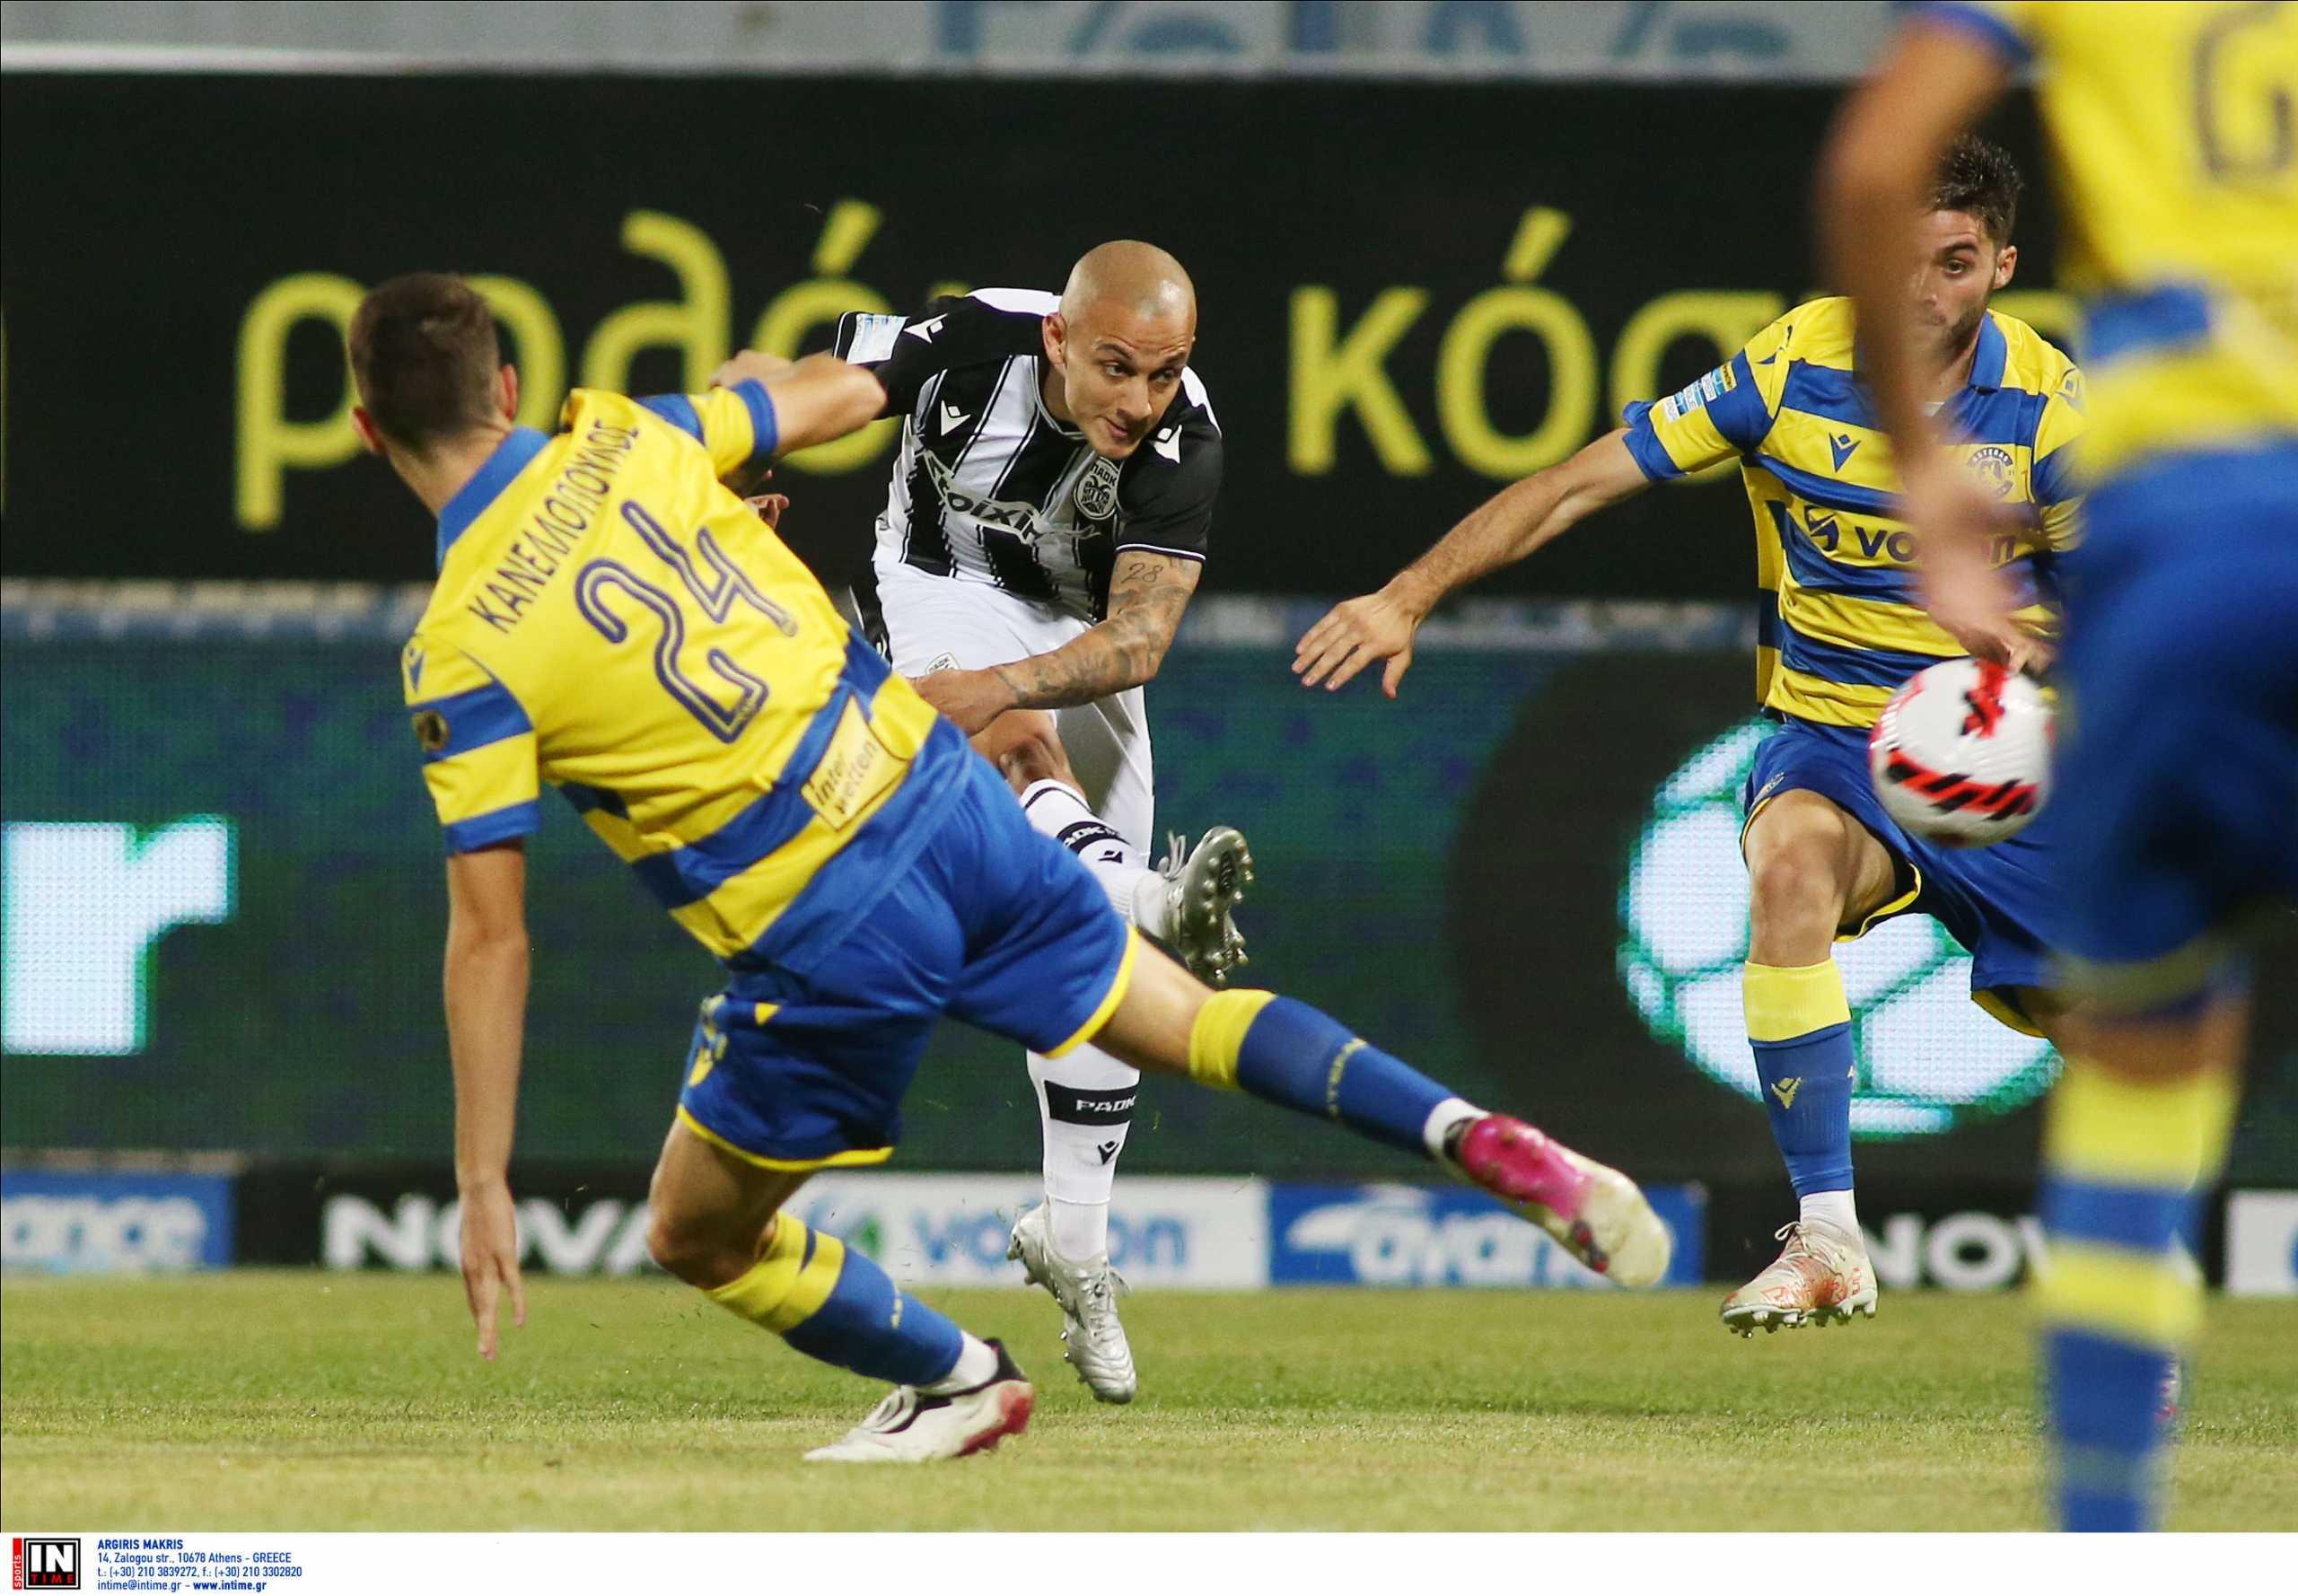 Αστέρας Τρίπολης – ΠΑΟΚ 0-1 ΤΕΛΙΚΟ: «Απόδραση» για τους Θεσσαλονικείς